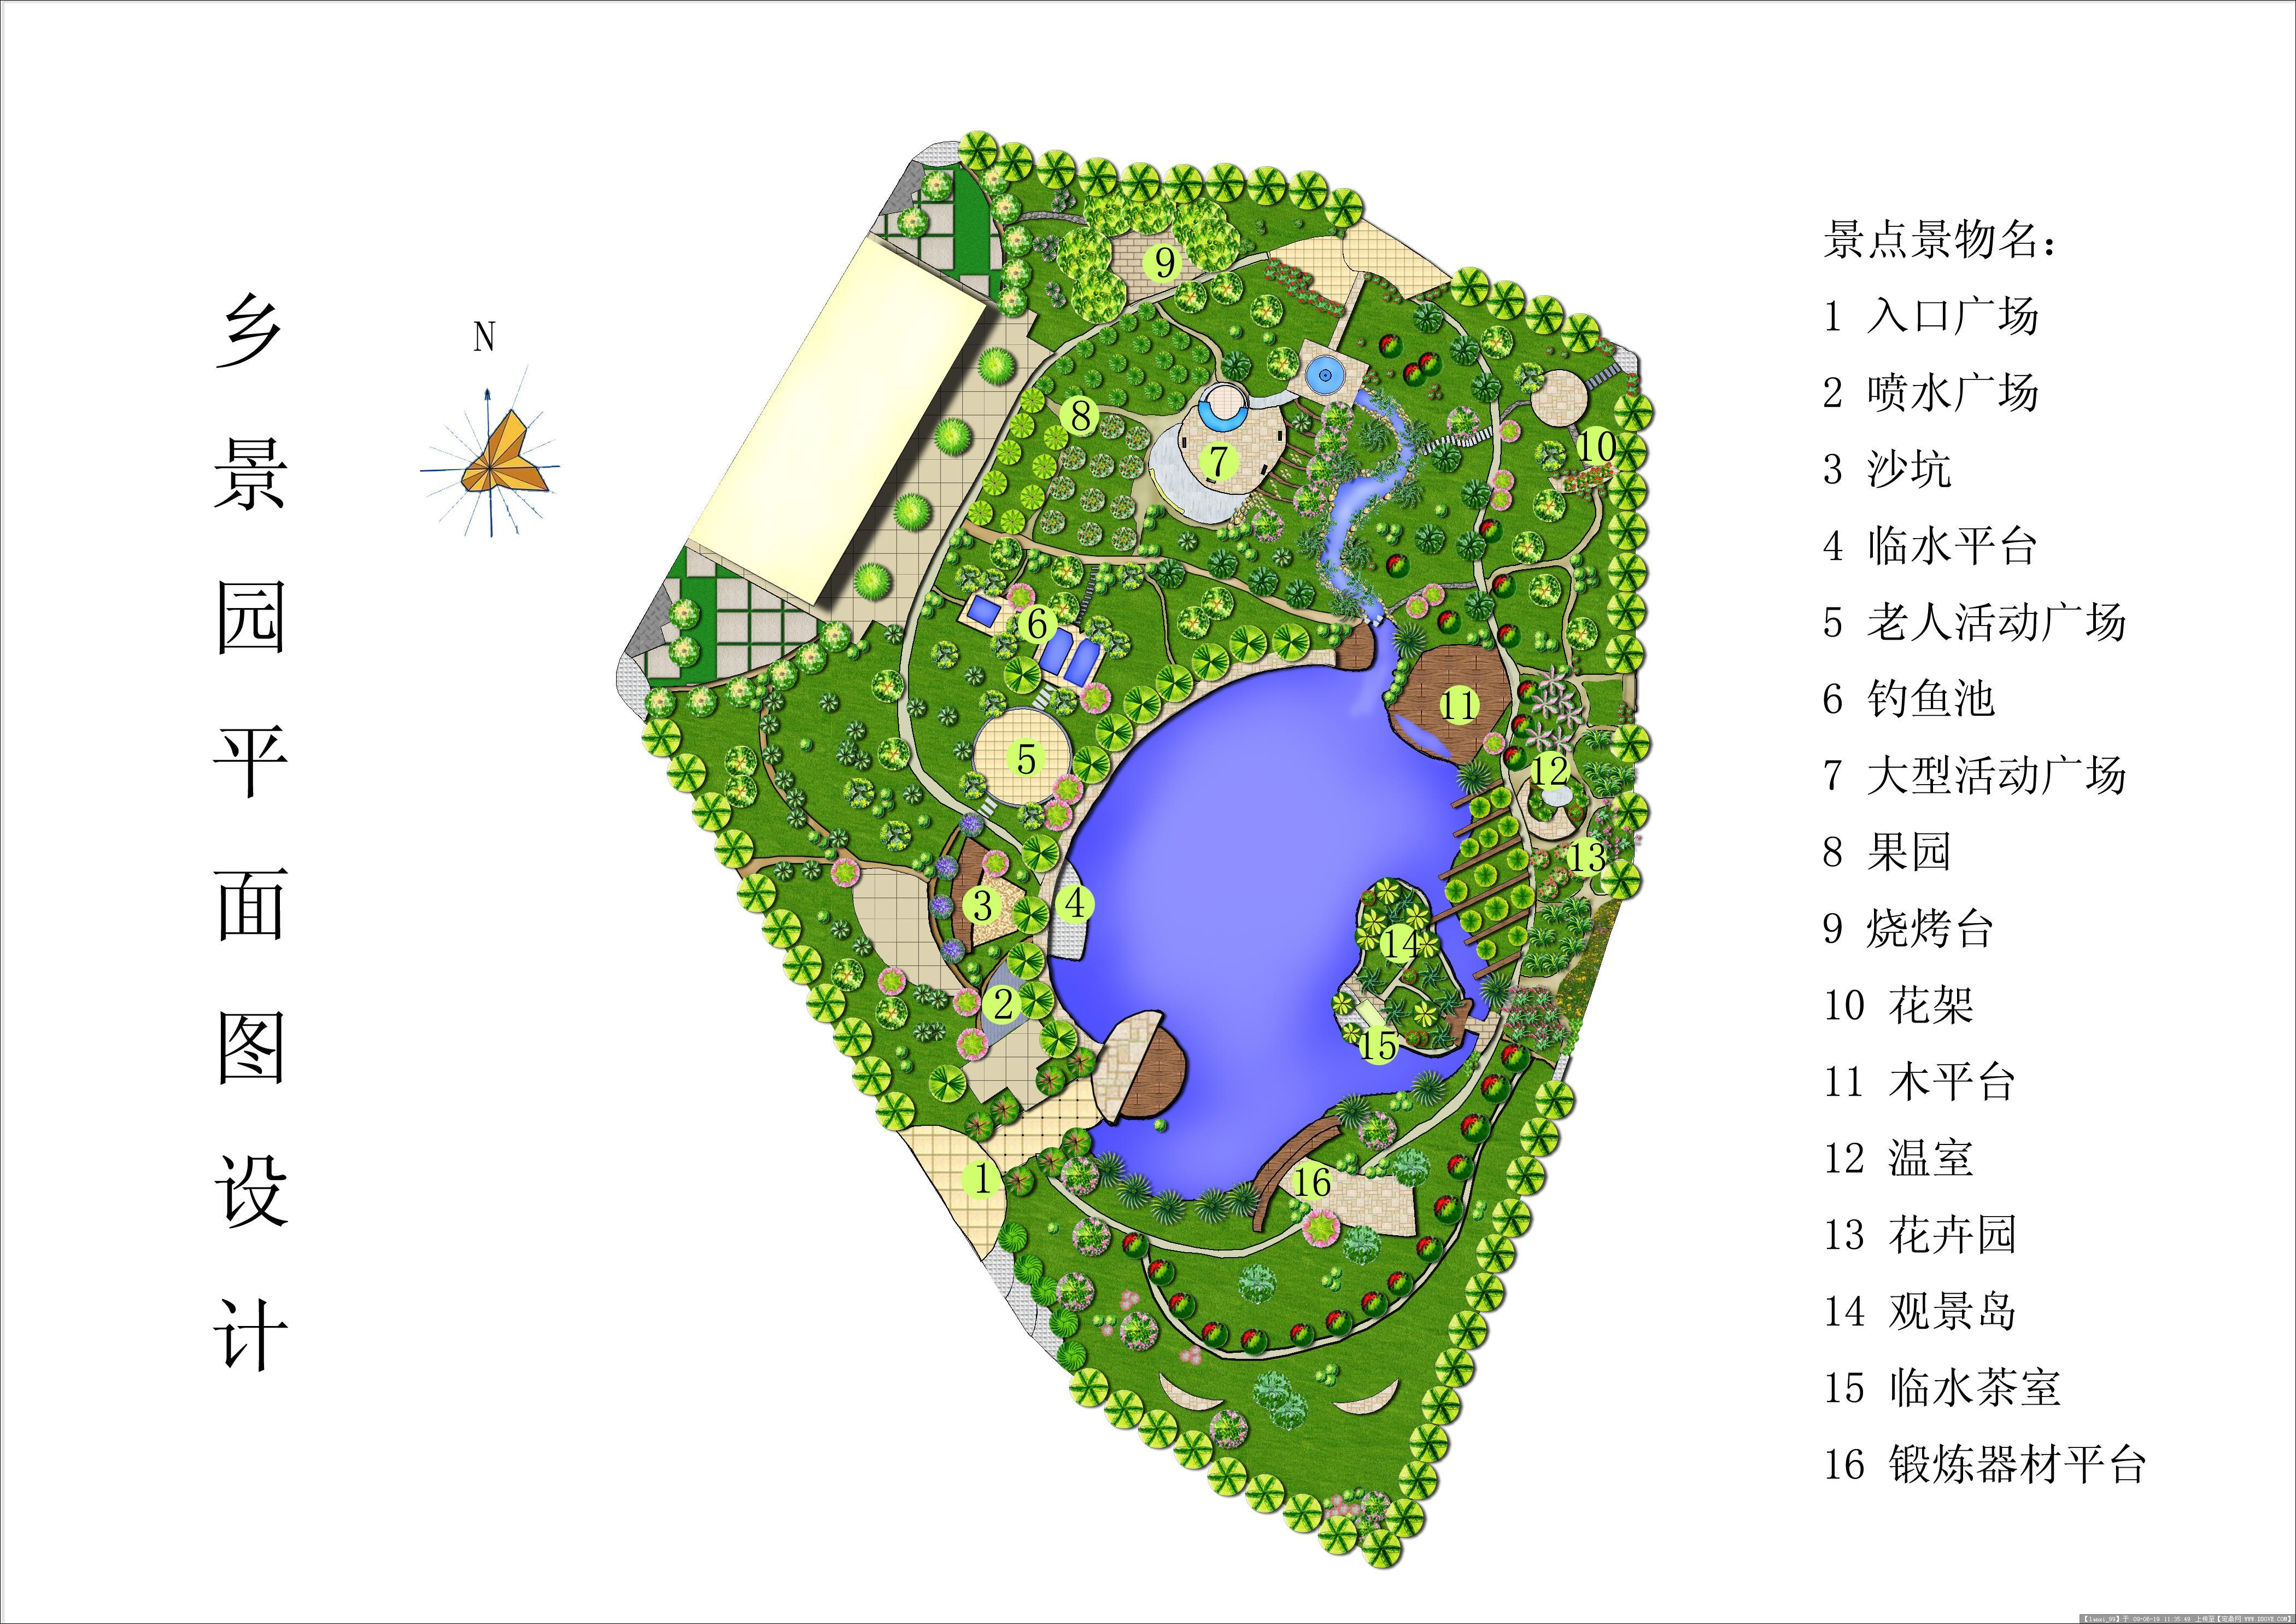 某乡村景观园平面的图片浏览,园林方案设计,城乡规划图片